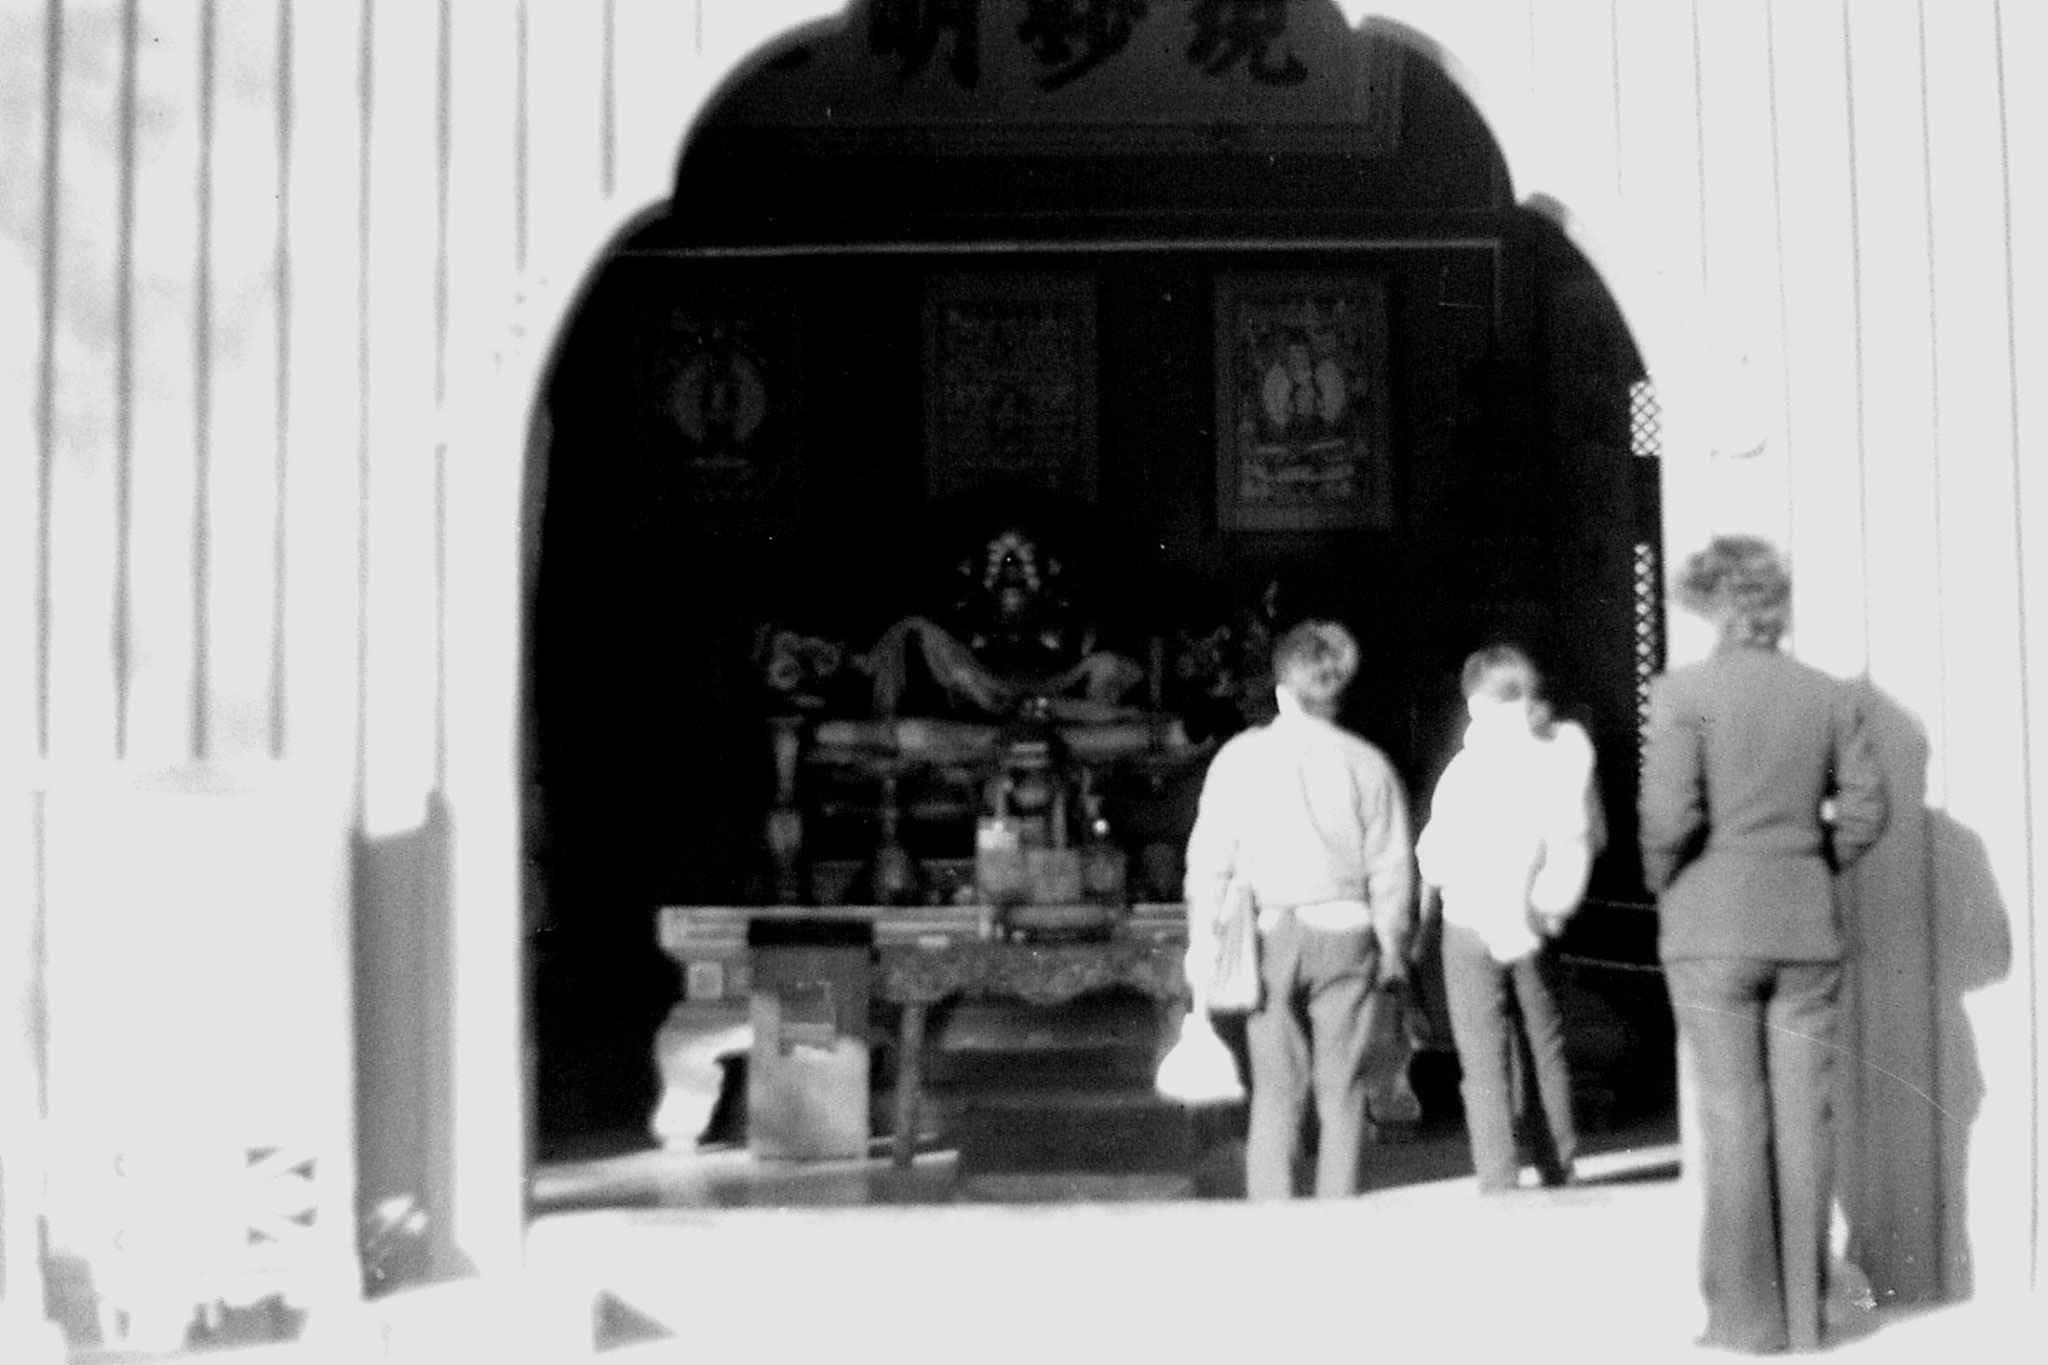 4/12/1988: 33: Yong He Temple, Beijing